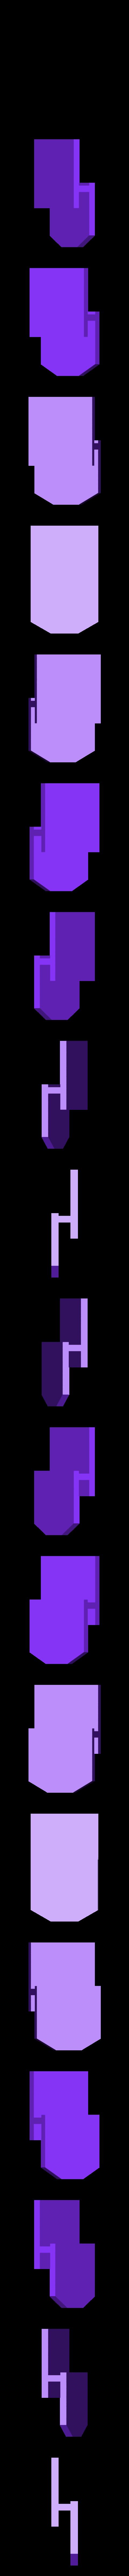 OctaveHook.stl Télécharger fichier STL gratuit Réplicateur Porte-bobine Octave • Objet à imprimer en 3D, Bolnarb